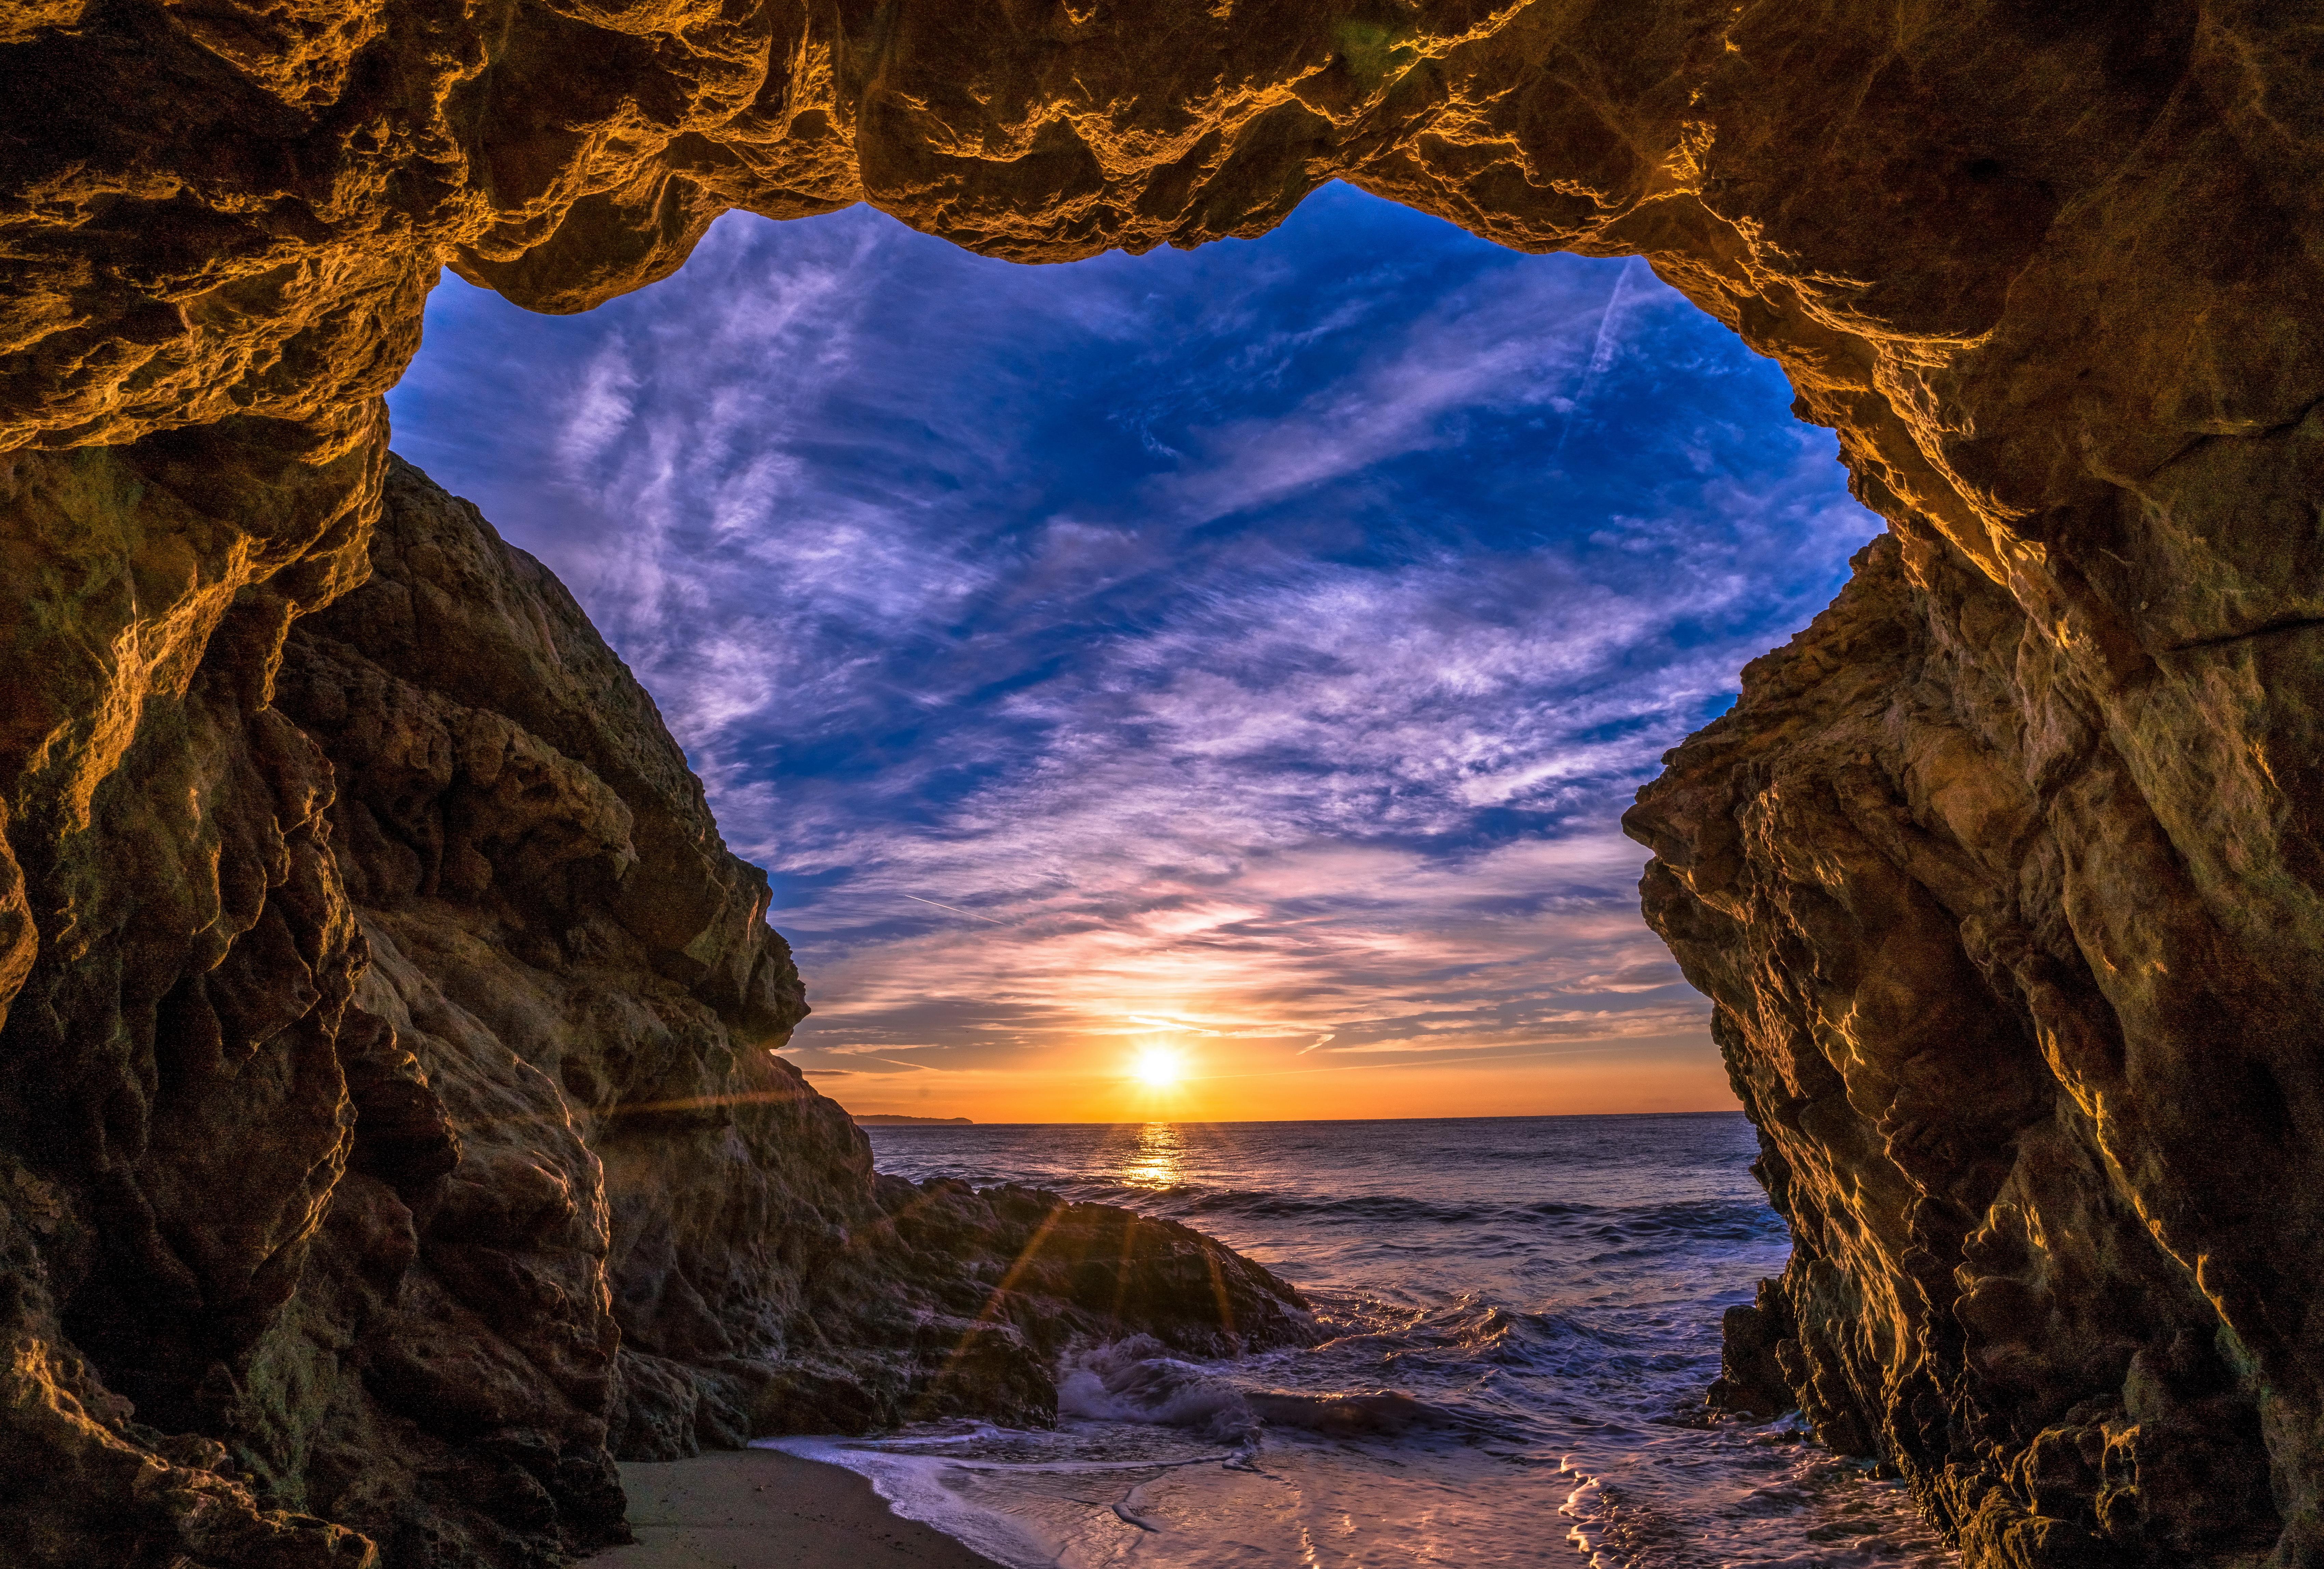 скалы солнце небо бесплатно